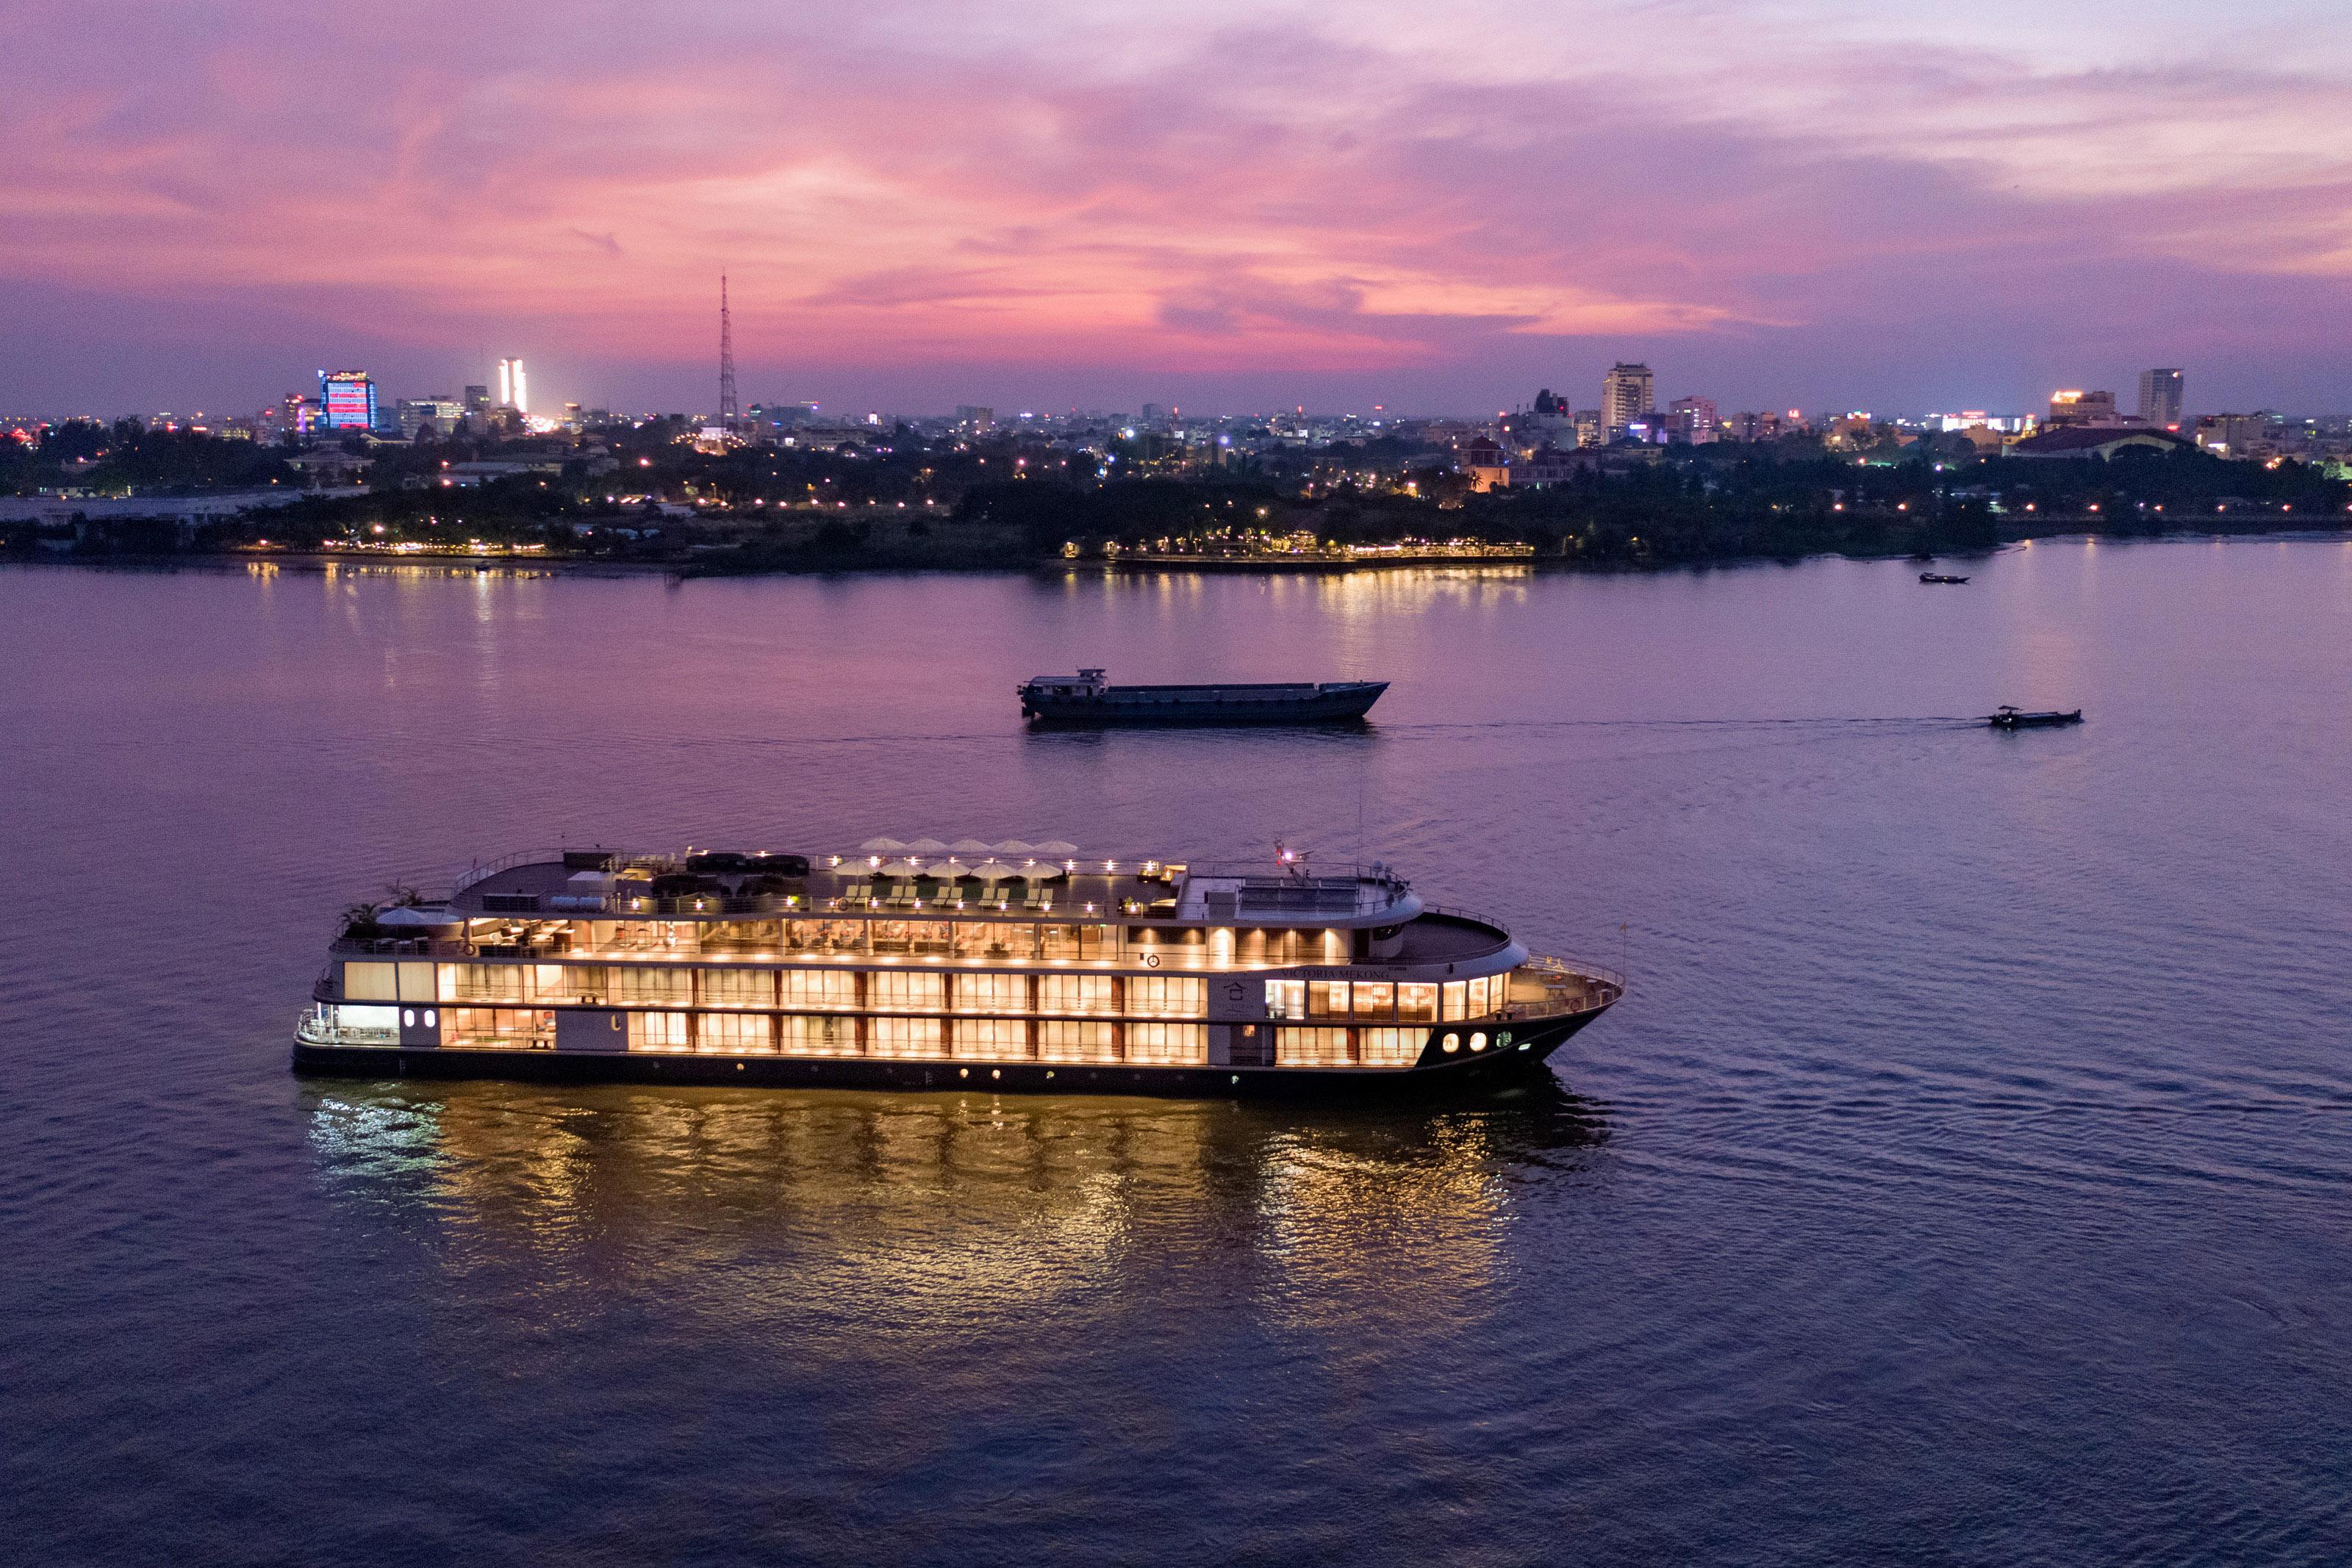 Tour du thuyền Victoria Mekong Cần Thơ Long Xuyên 2 ngày 1 đêm giá siêu rẻ